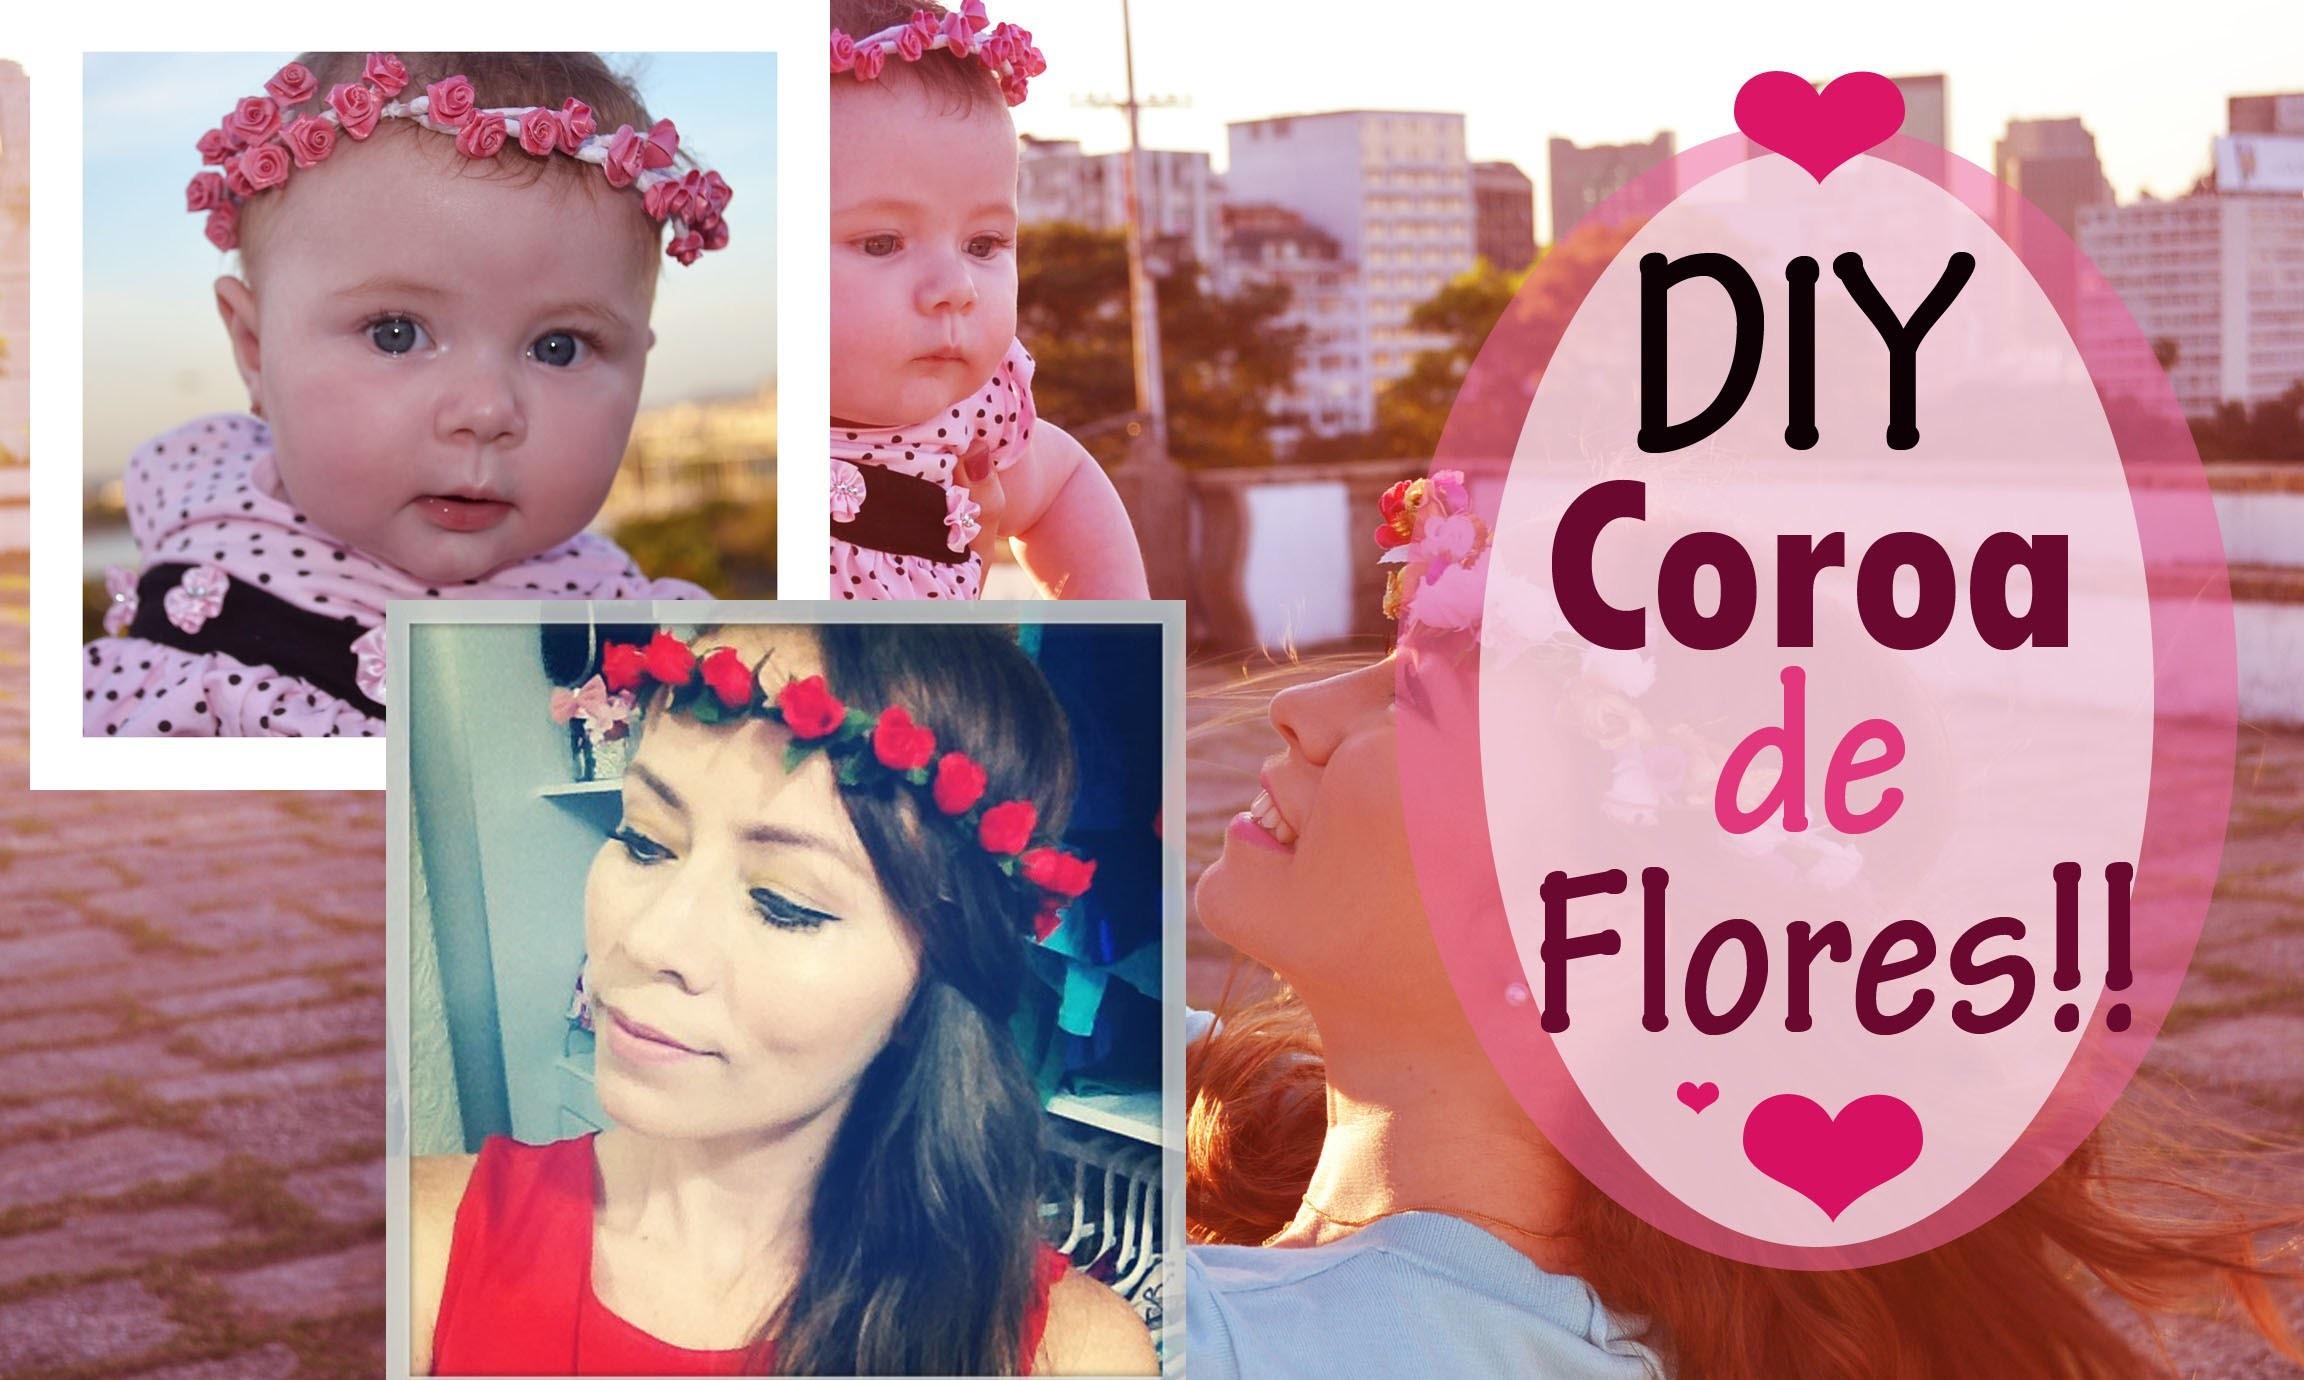 DIY: Coroa de flores fácil, rápido e sem mistério ♥